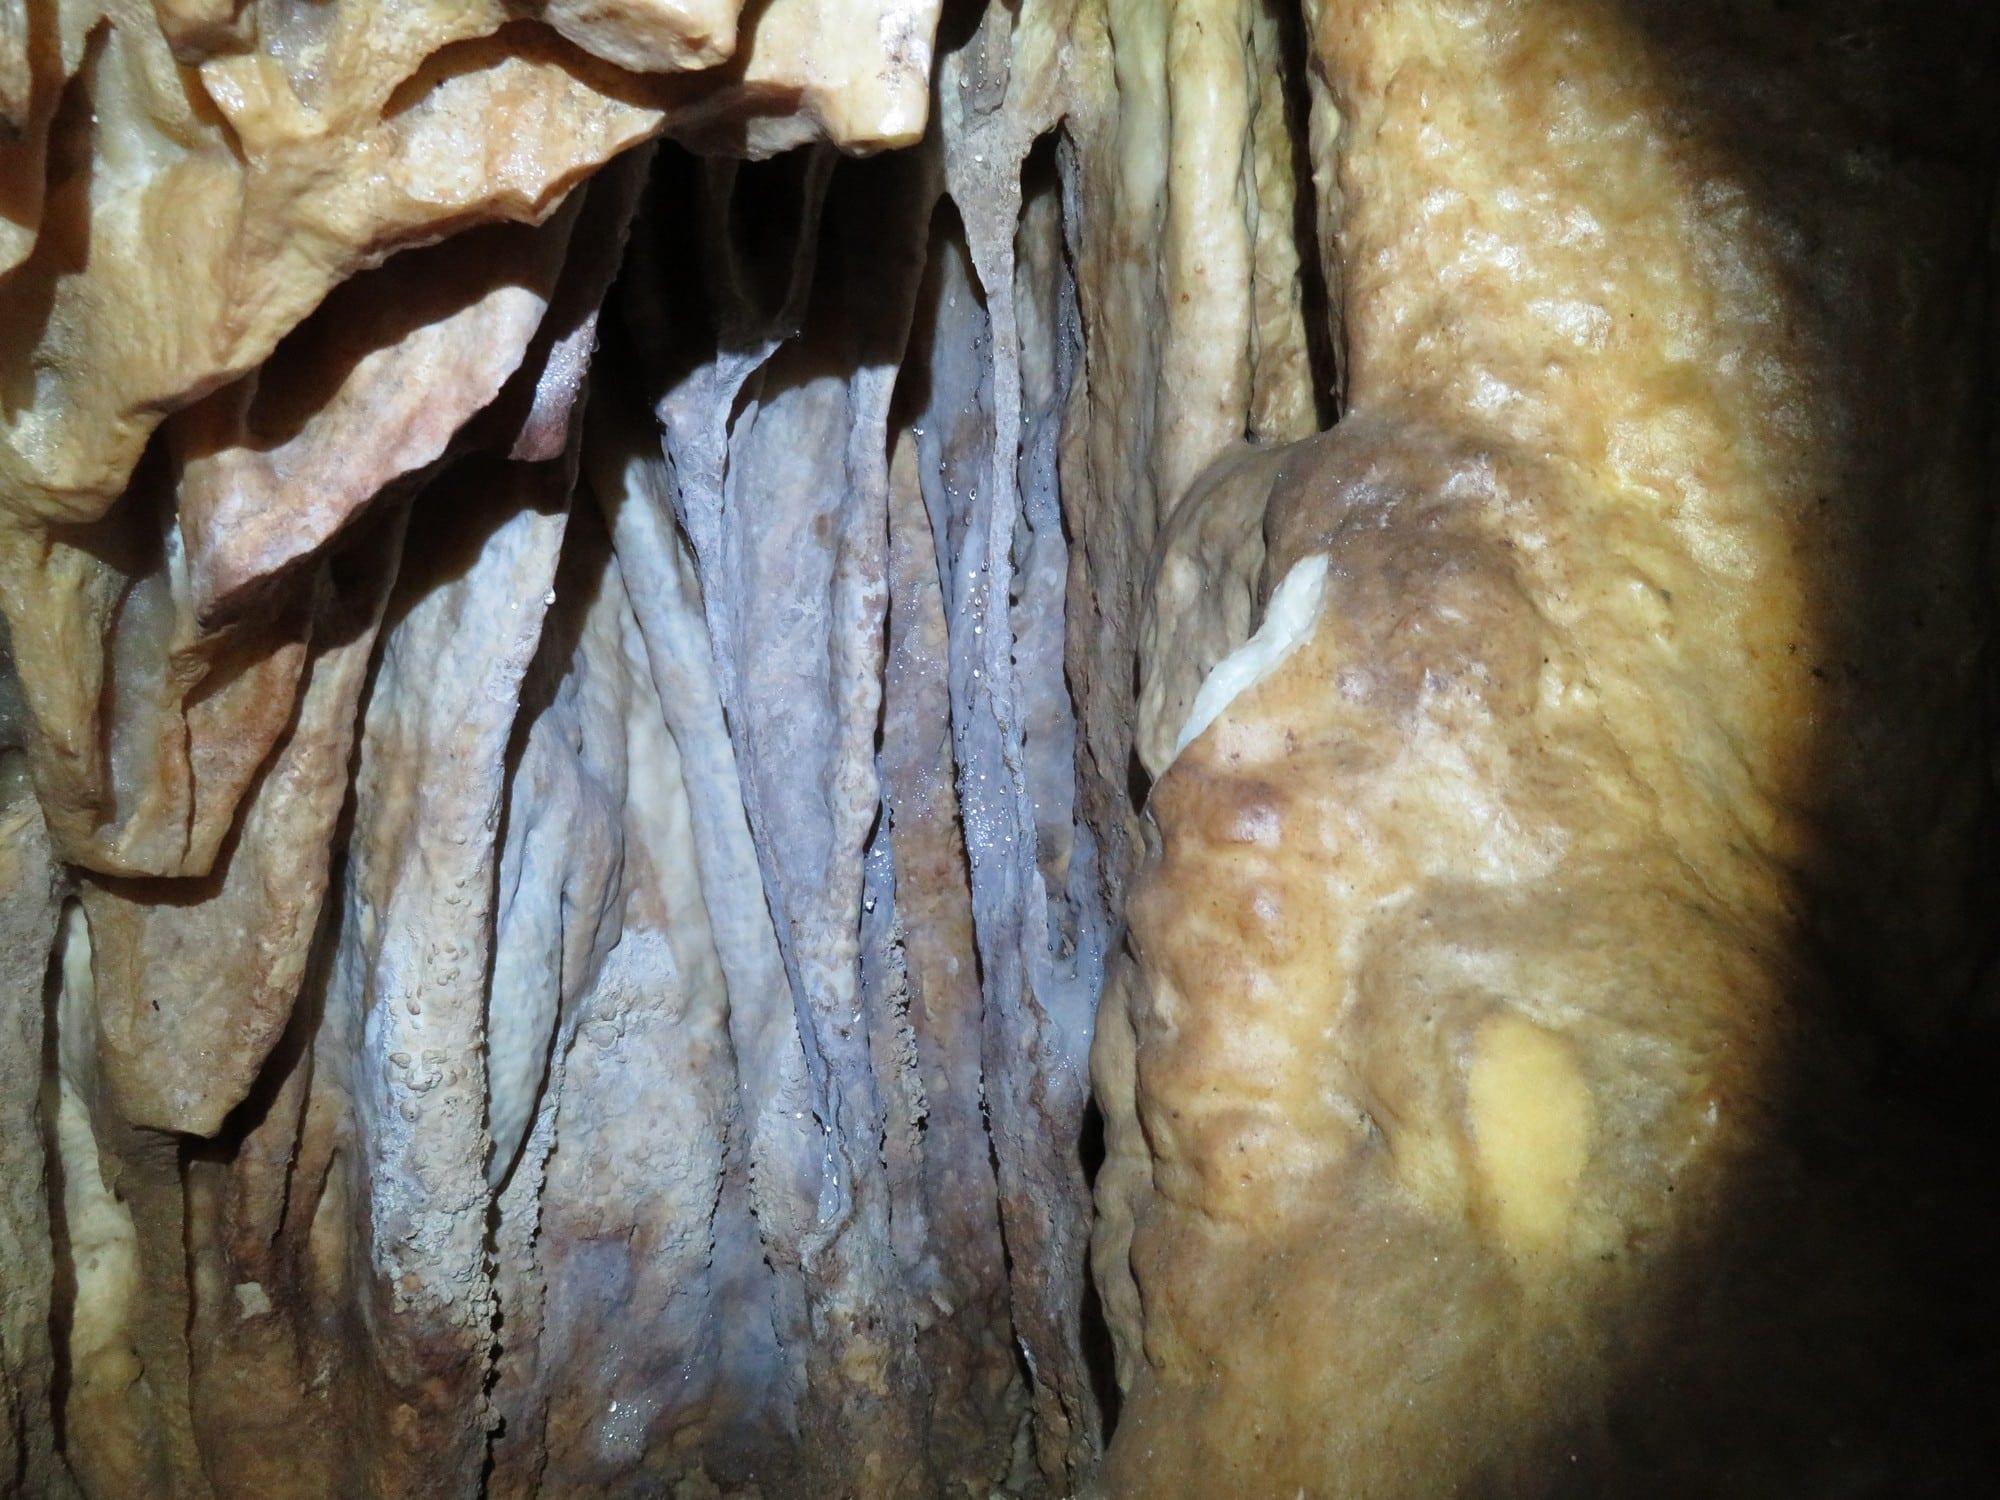 מערת נטיפים עלמה - טיול מערות - ערוצים בטבע